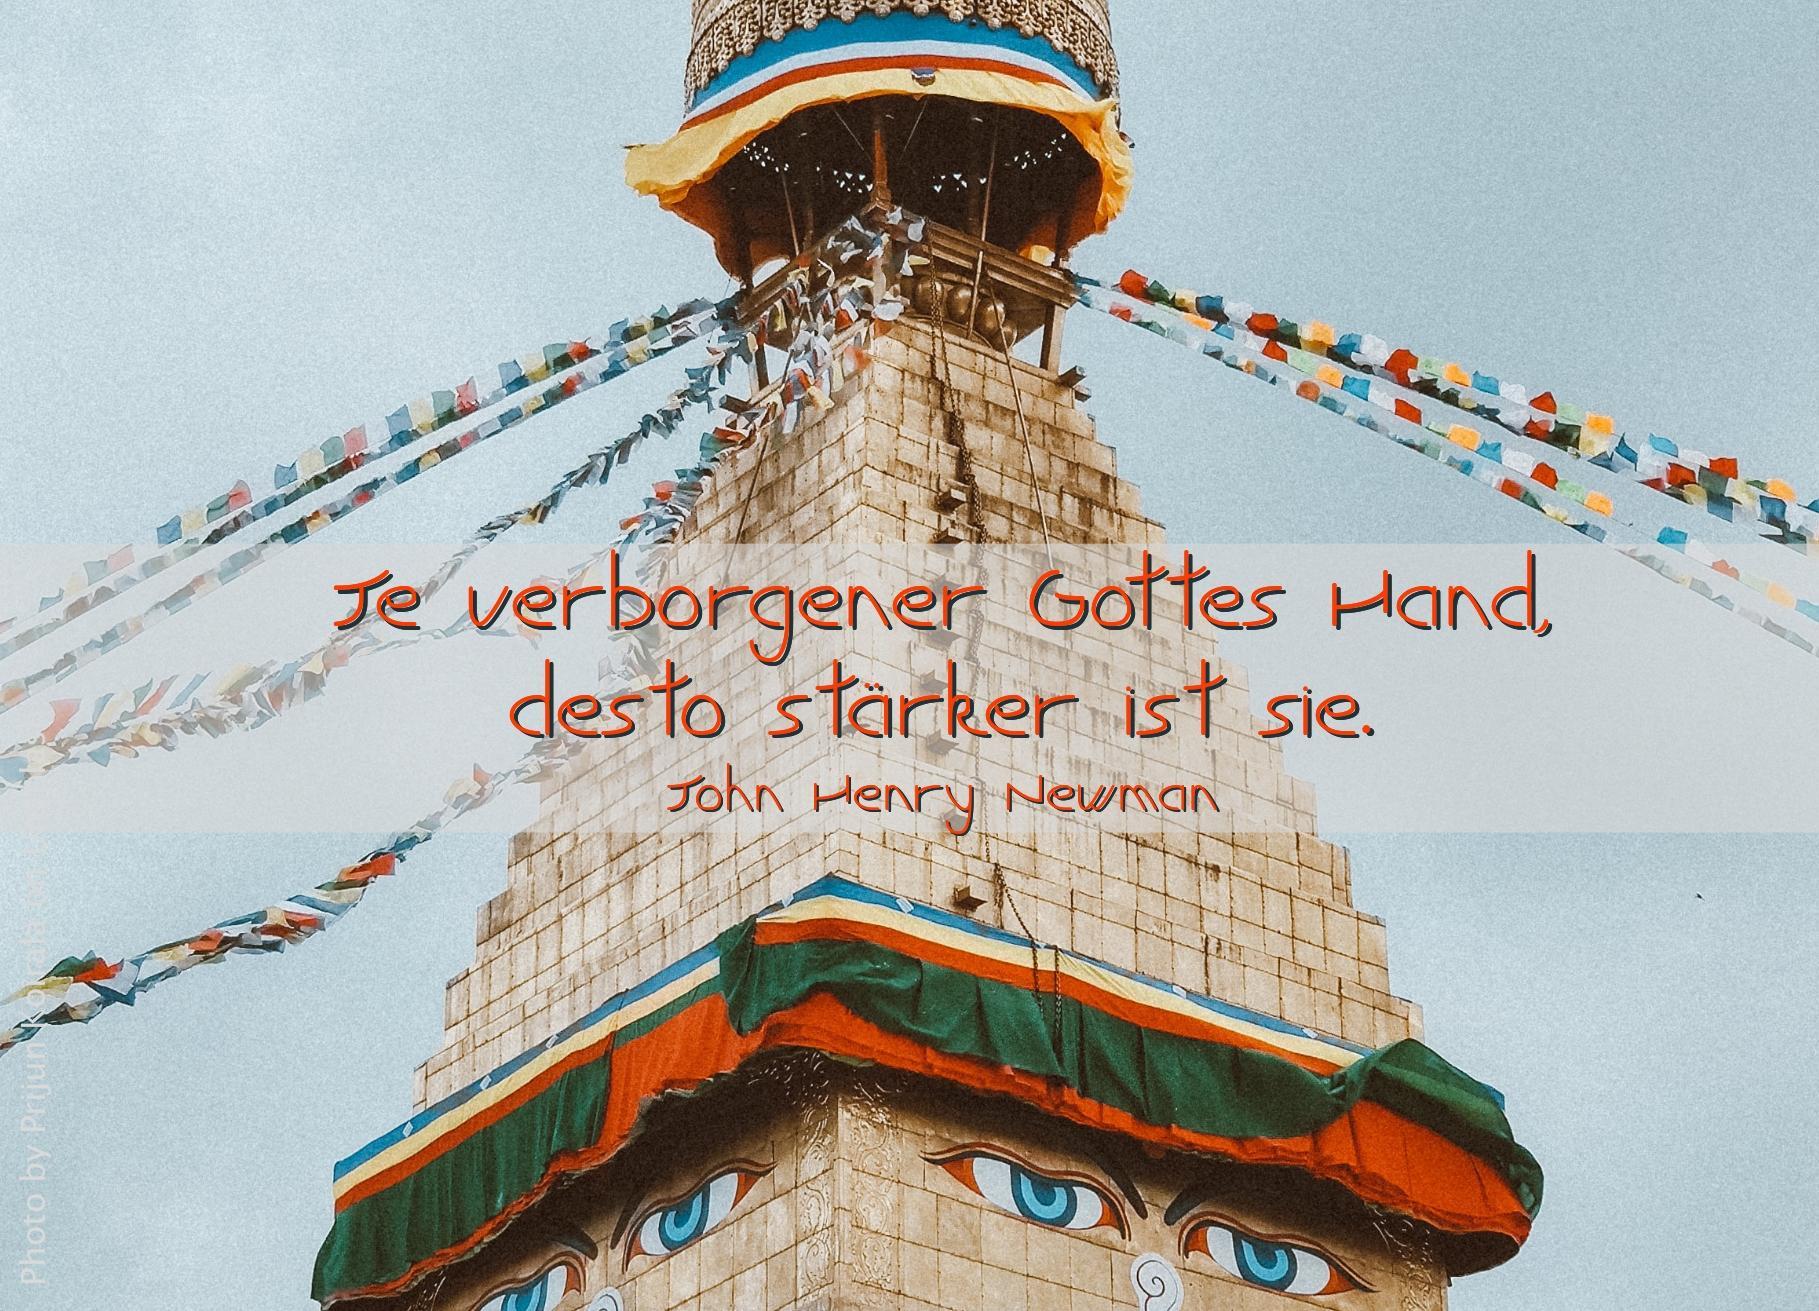 Turm eines tibetischen Tempels